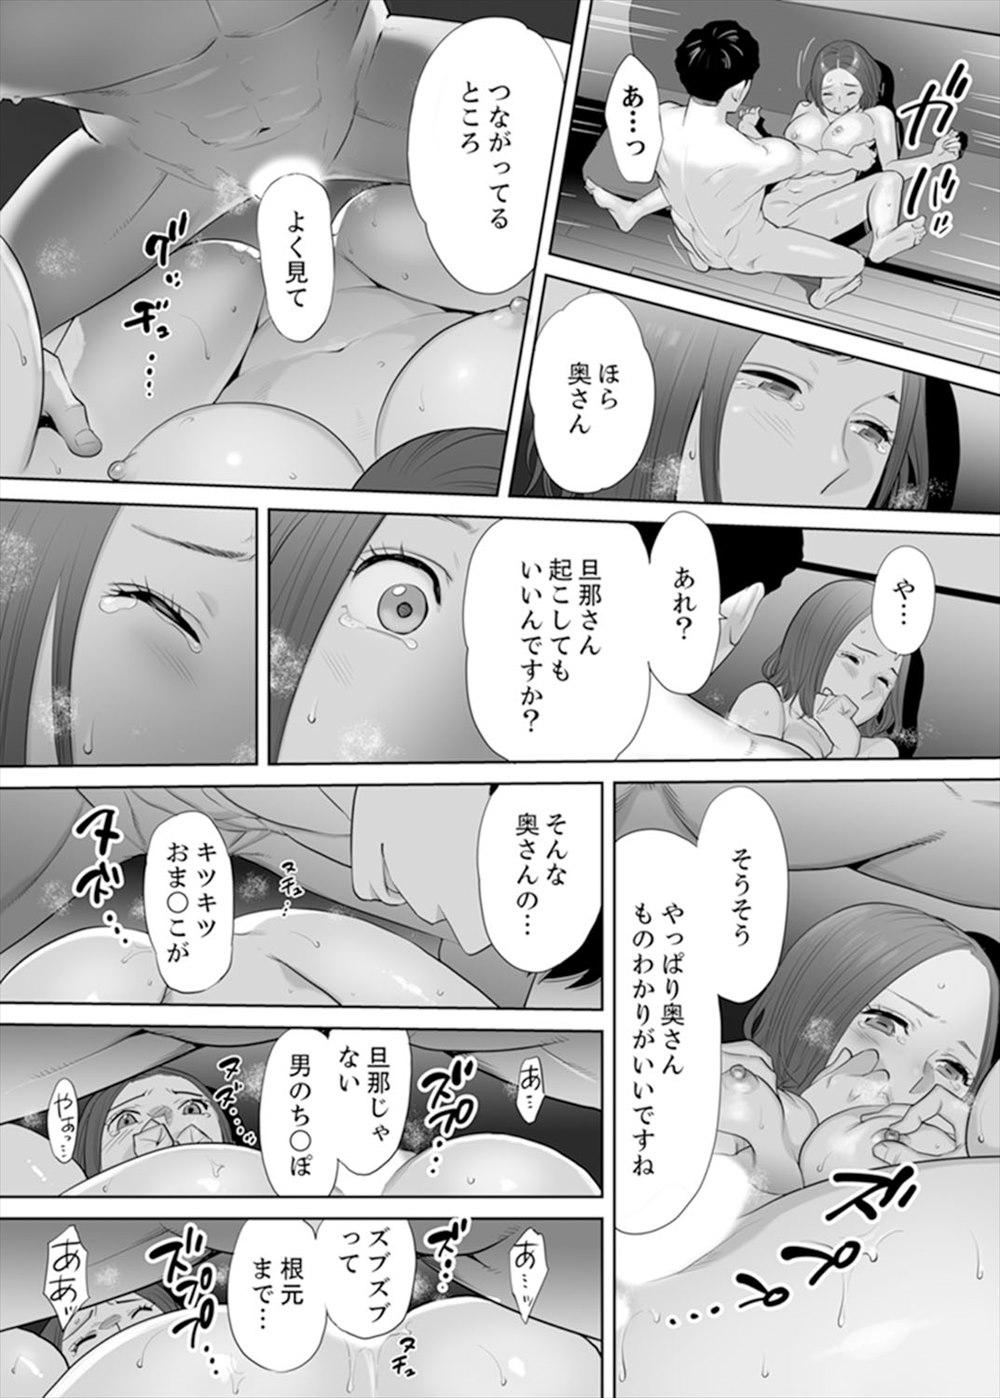 エロ マンガ あいり 桂